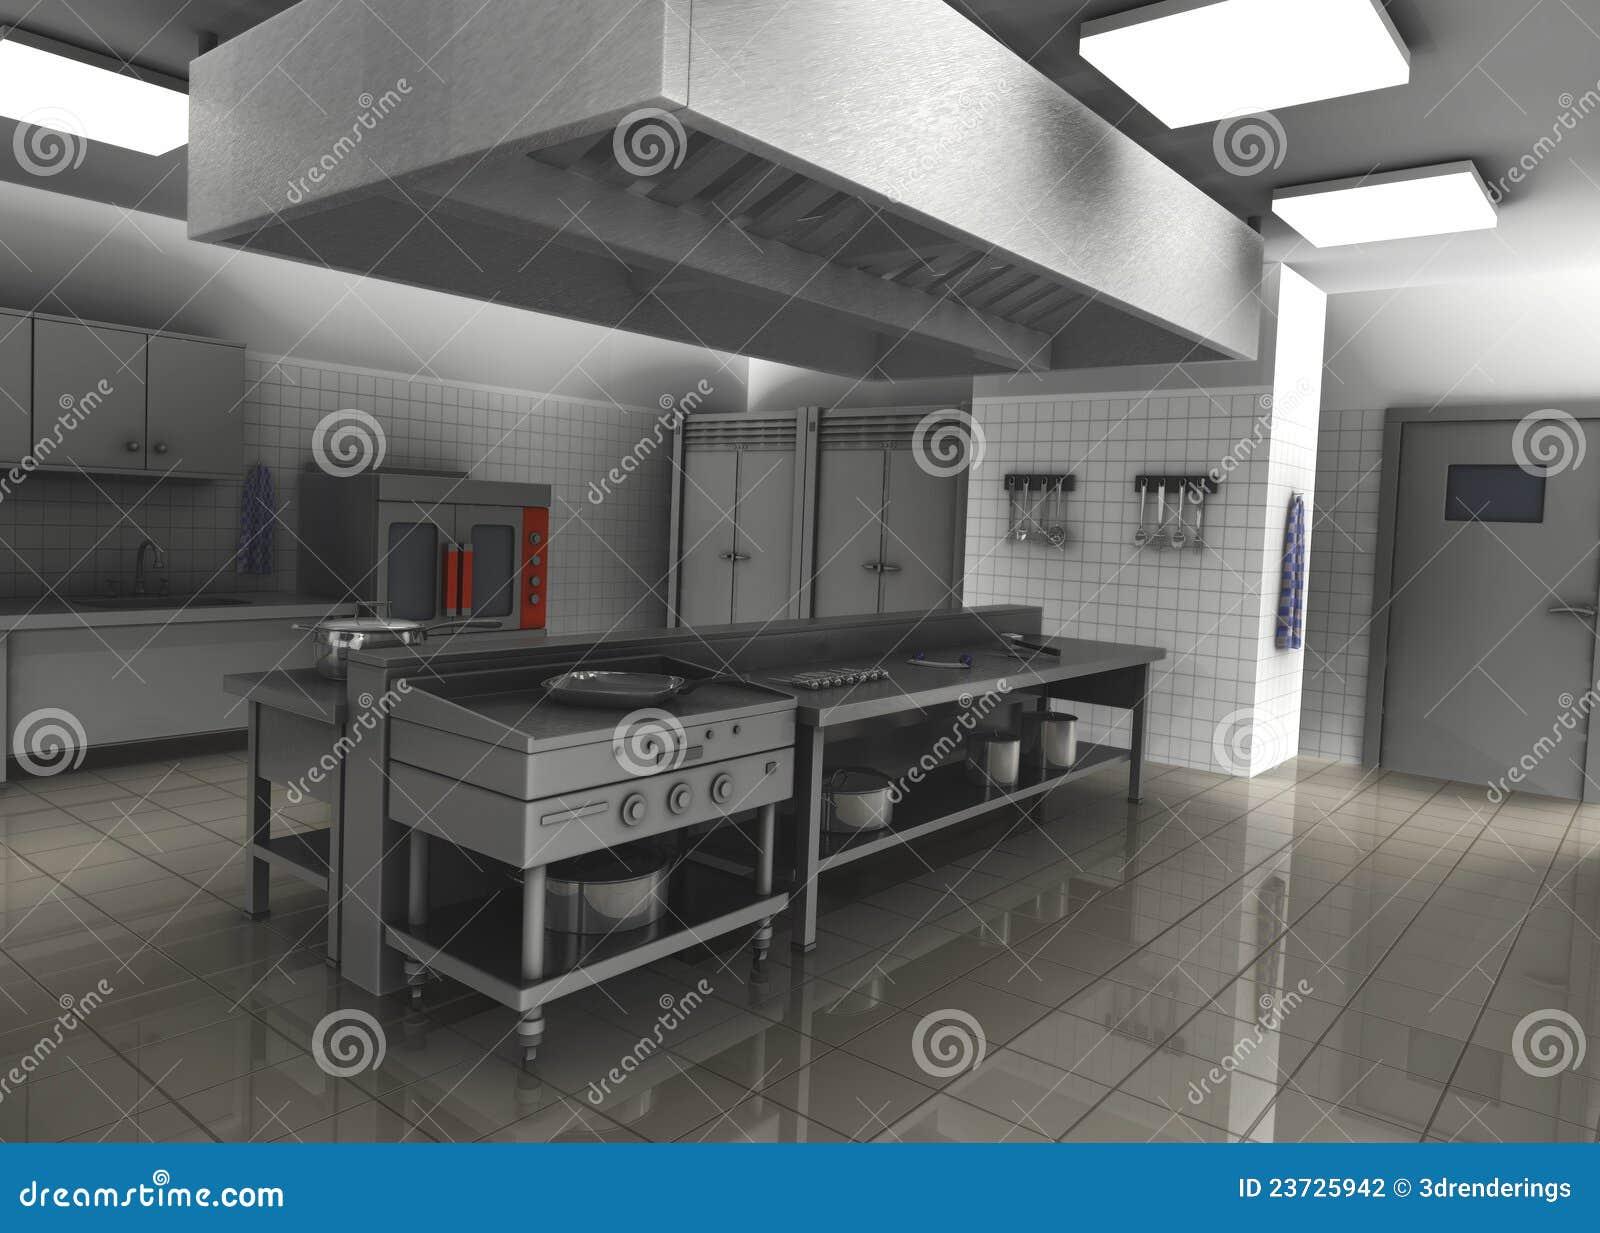 3d rendent de la cuisine professionnelle de restaurant for Prix cuisine professionnelle restaurant